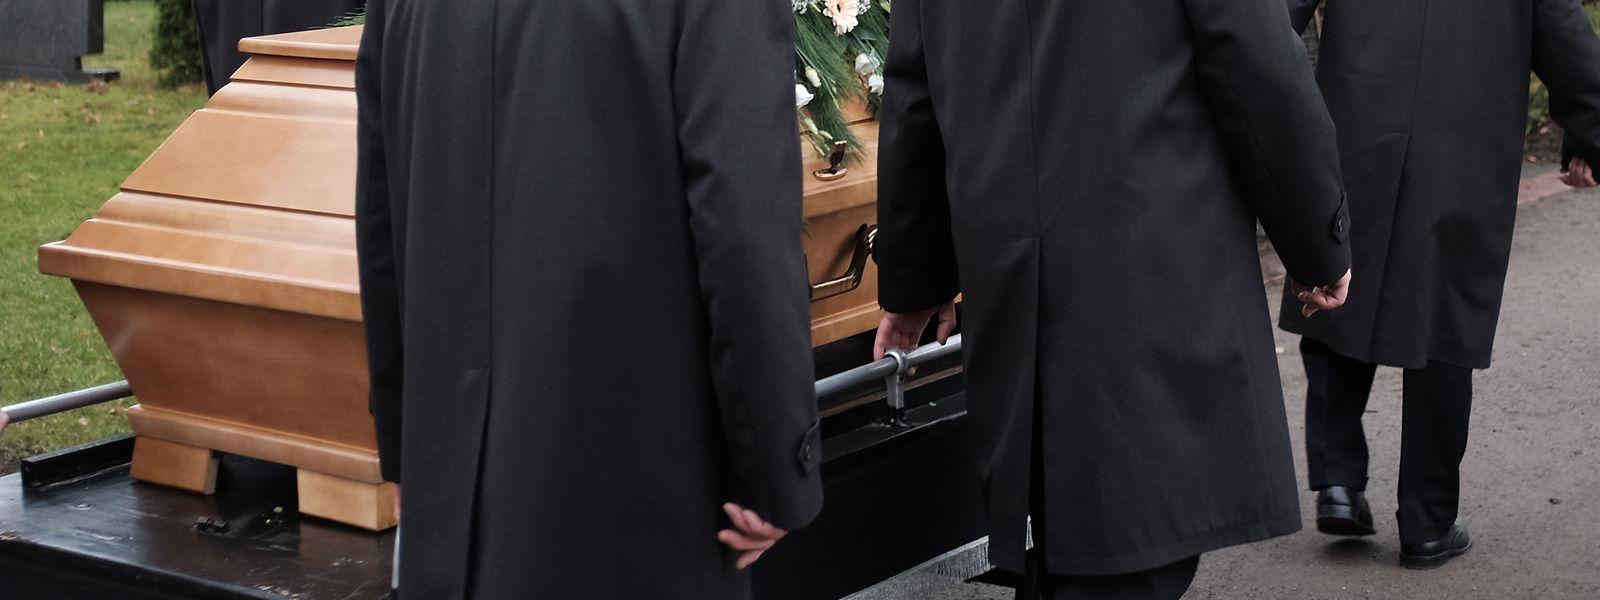 Si la semaine du 6 au 12 avril a enregistré une forte hausse du nombre de décès au Luxembourg, il n'est pas pour autant question d'une surmortalité sur l'ensemble du premier semestre de 2020